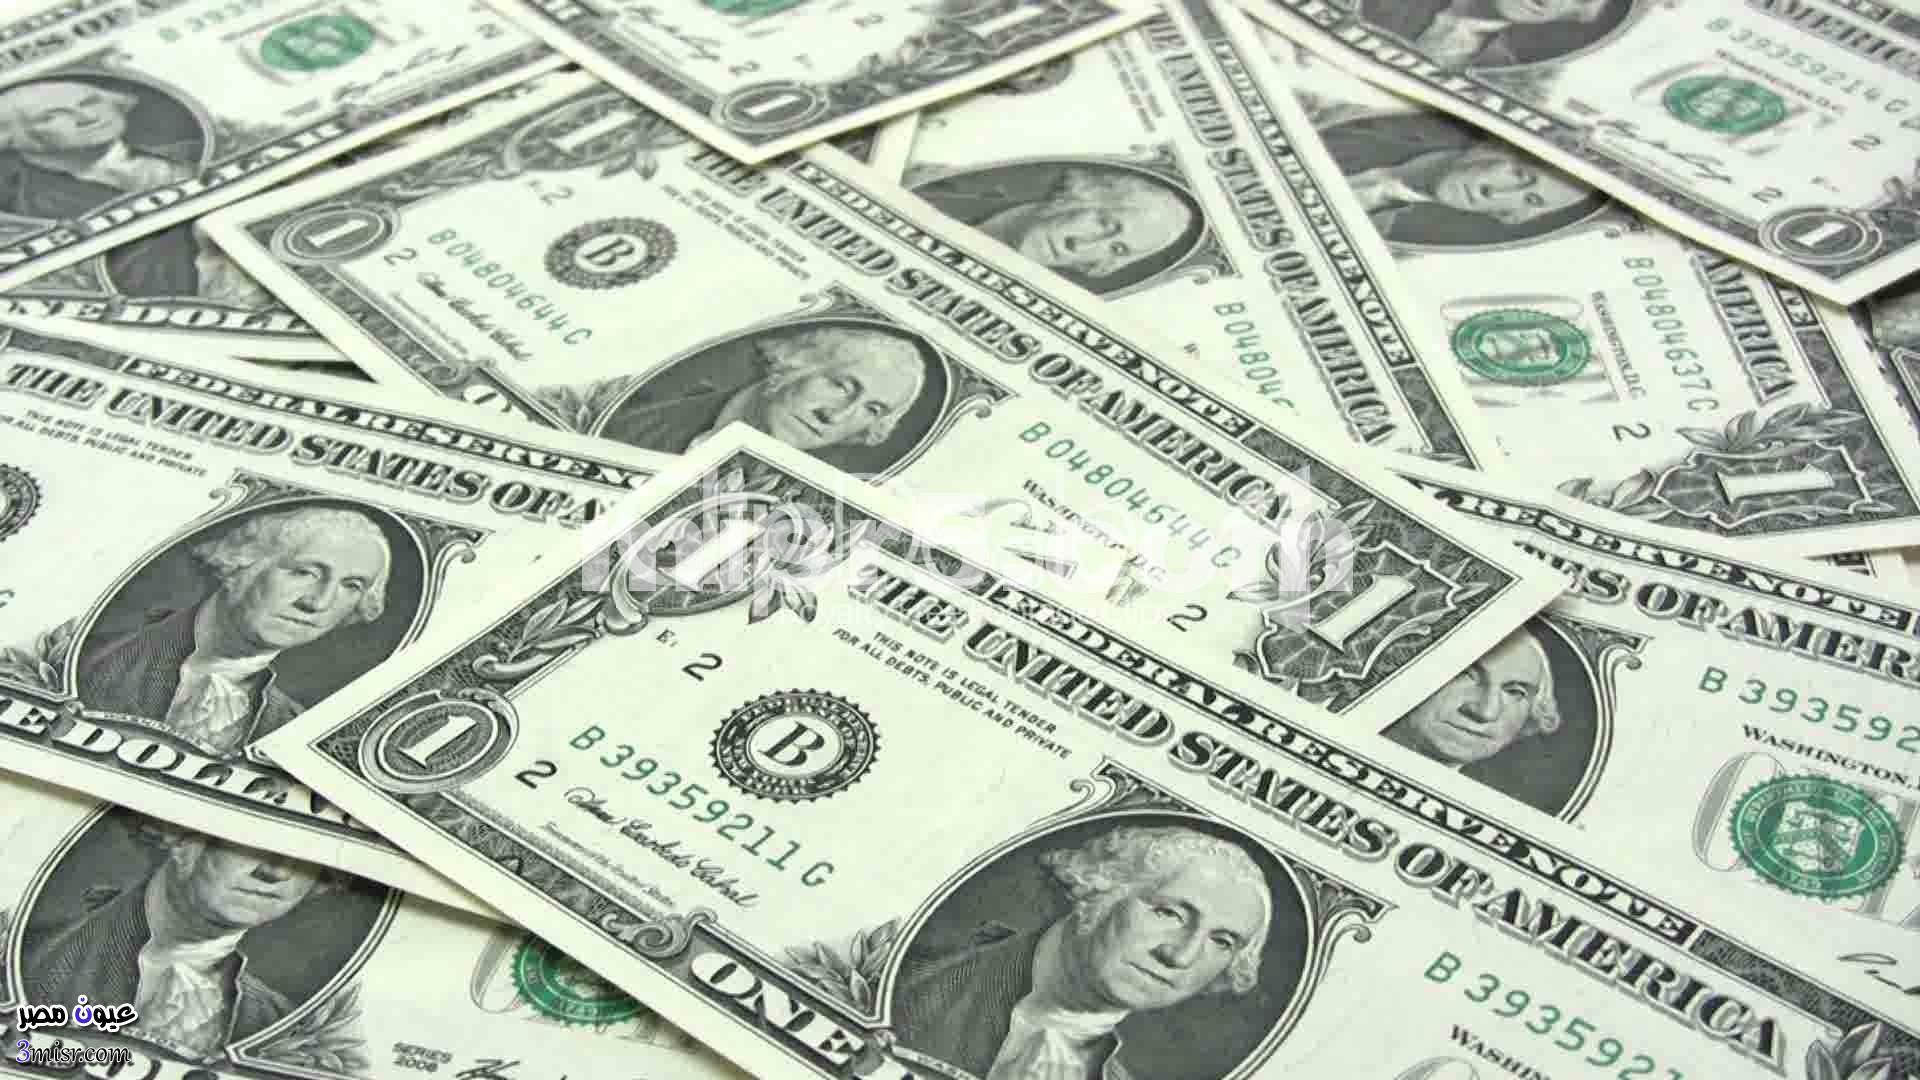 سعر الدولار الان البنك الاهلي مصر أسعار العملات اليوم السبت 10-12-2016